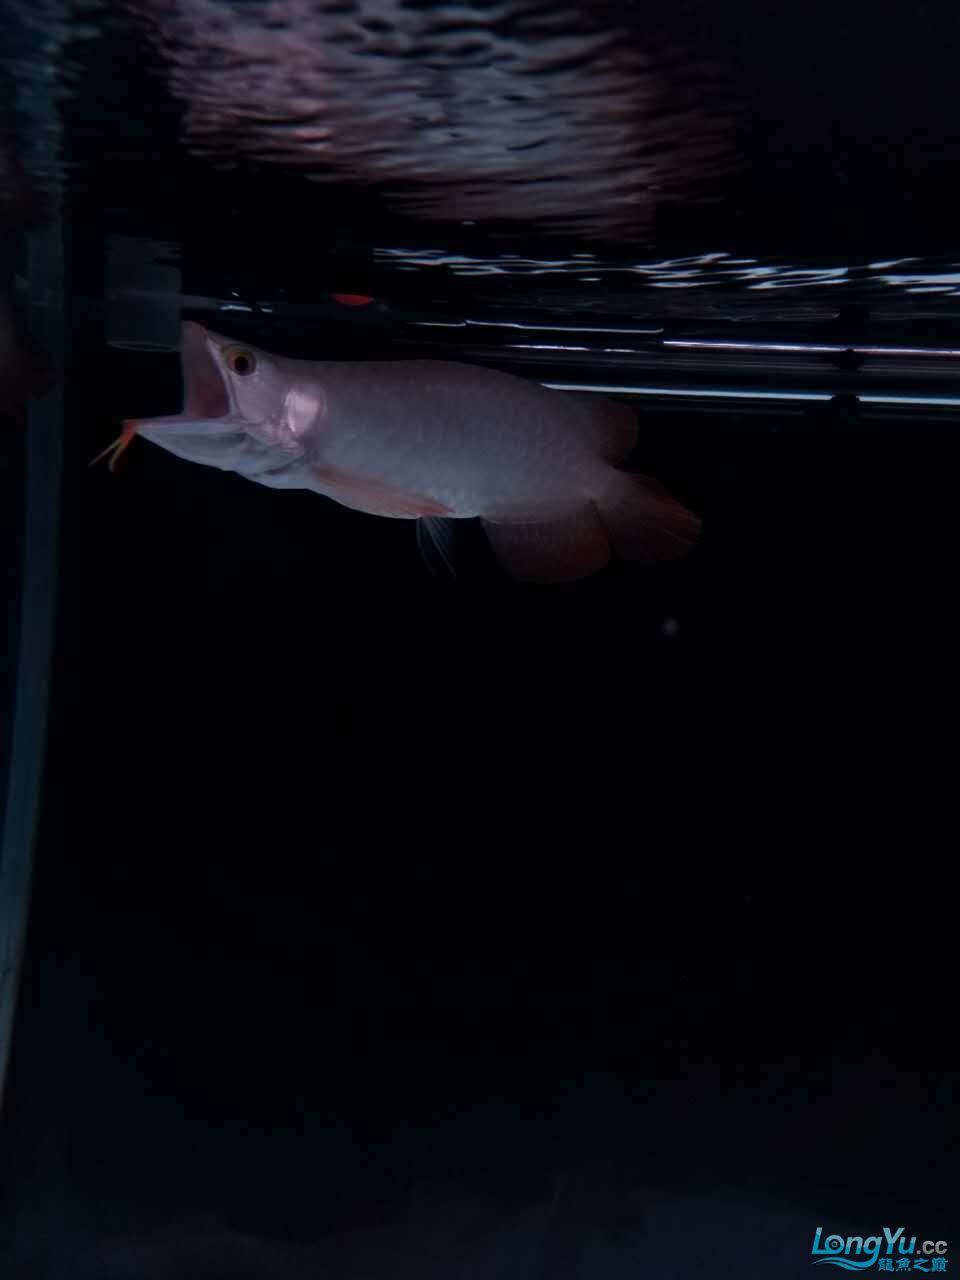 天津鱼缸价格我的小白条呀,大神进 天津观赏鱼 天津龙鱼第7张